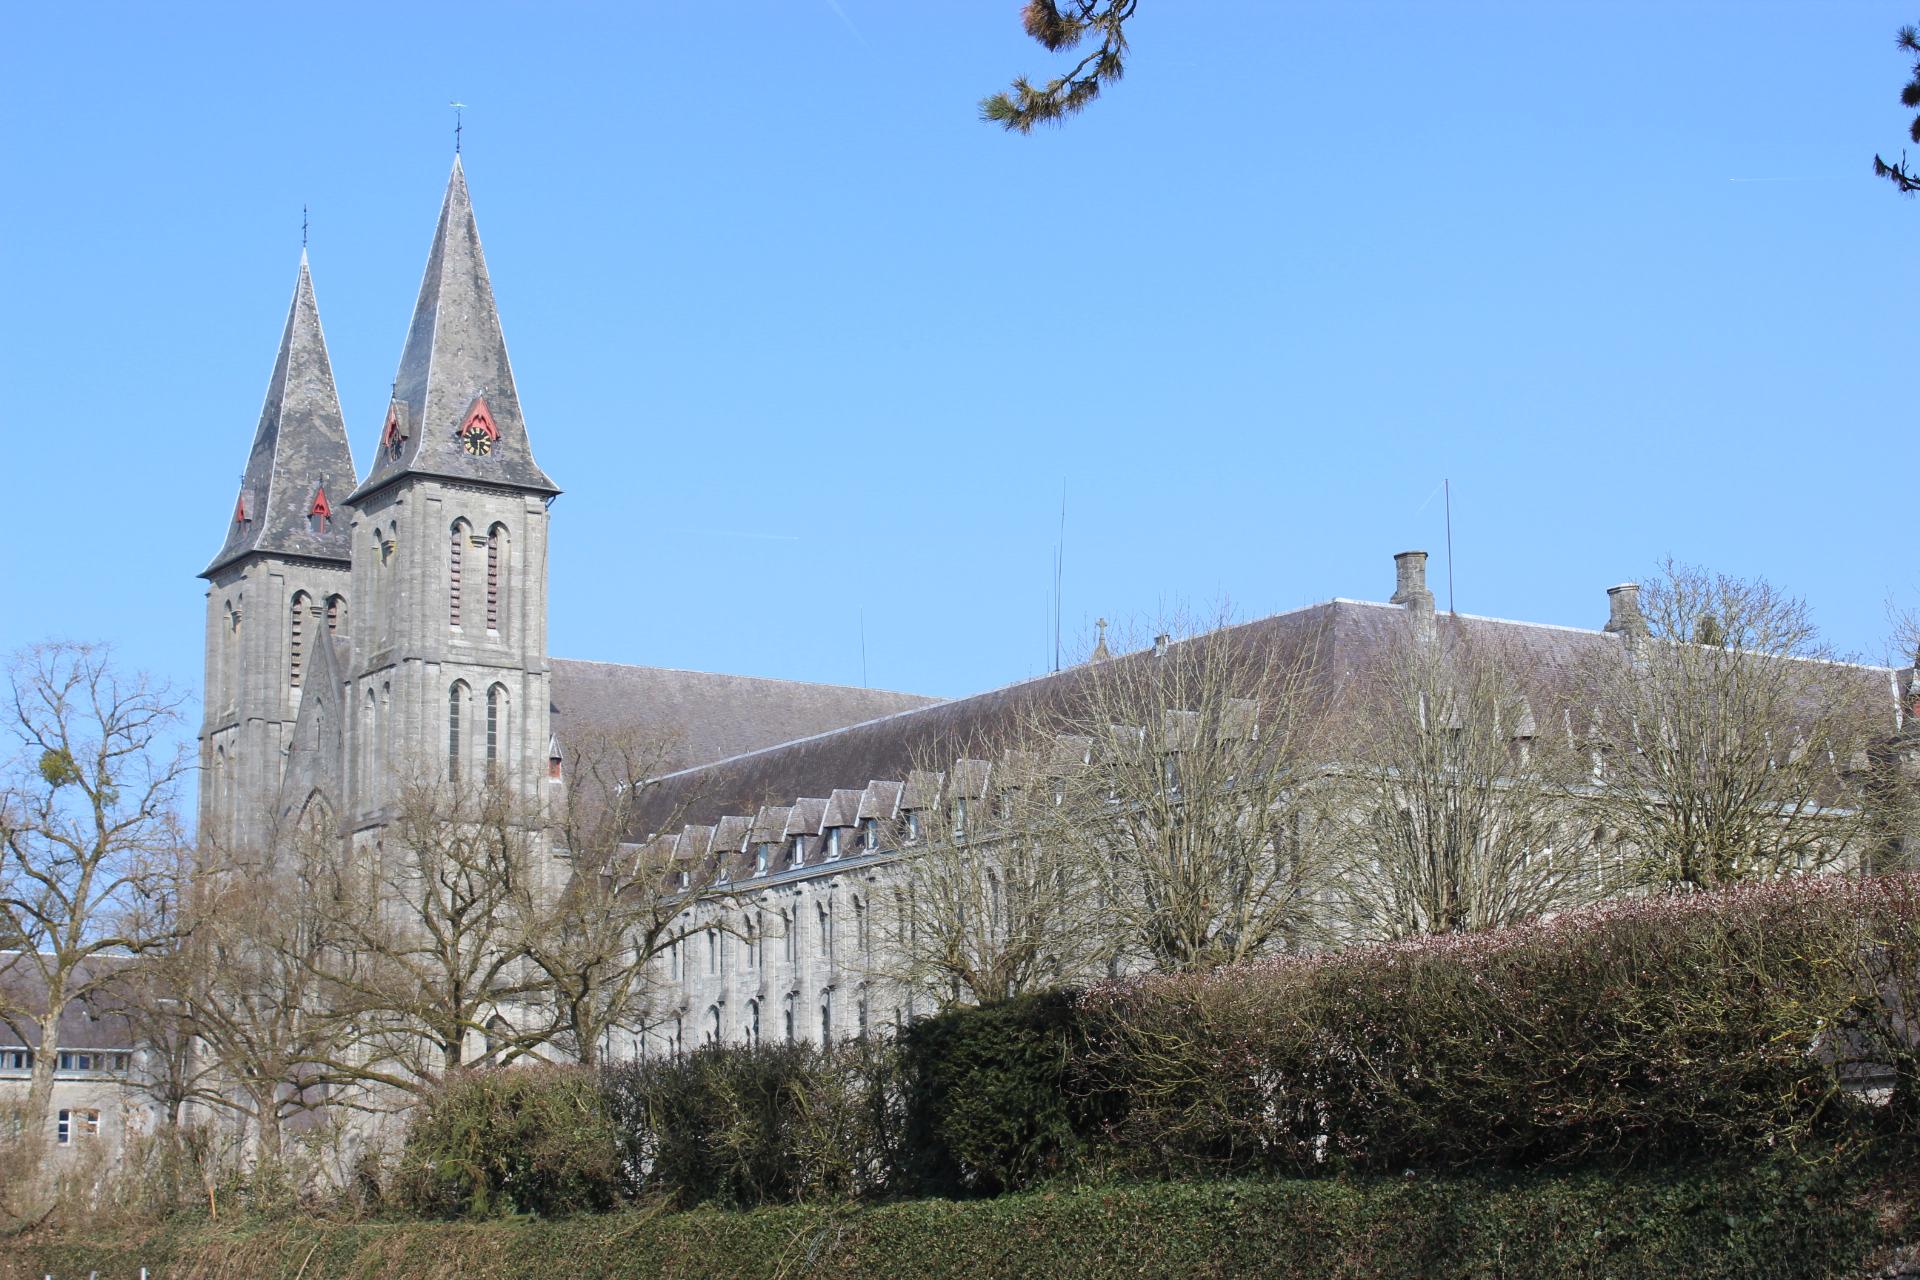 BIOレシピビオキッチンヨーロッパマレッツ大聖堂